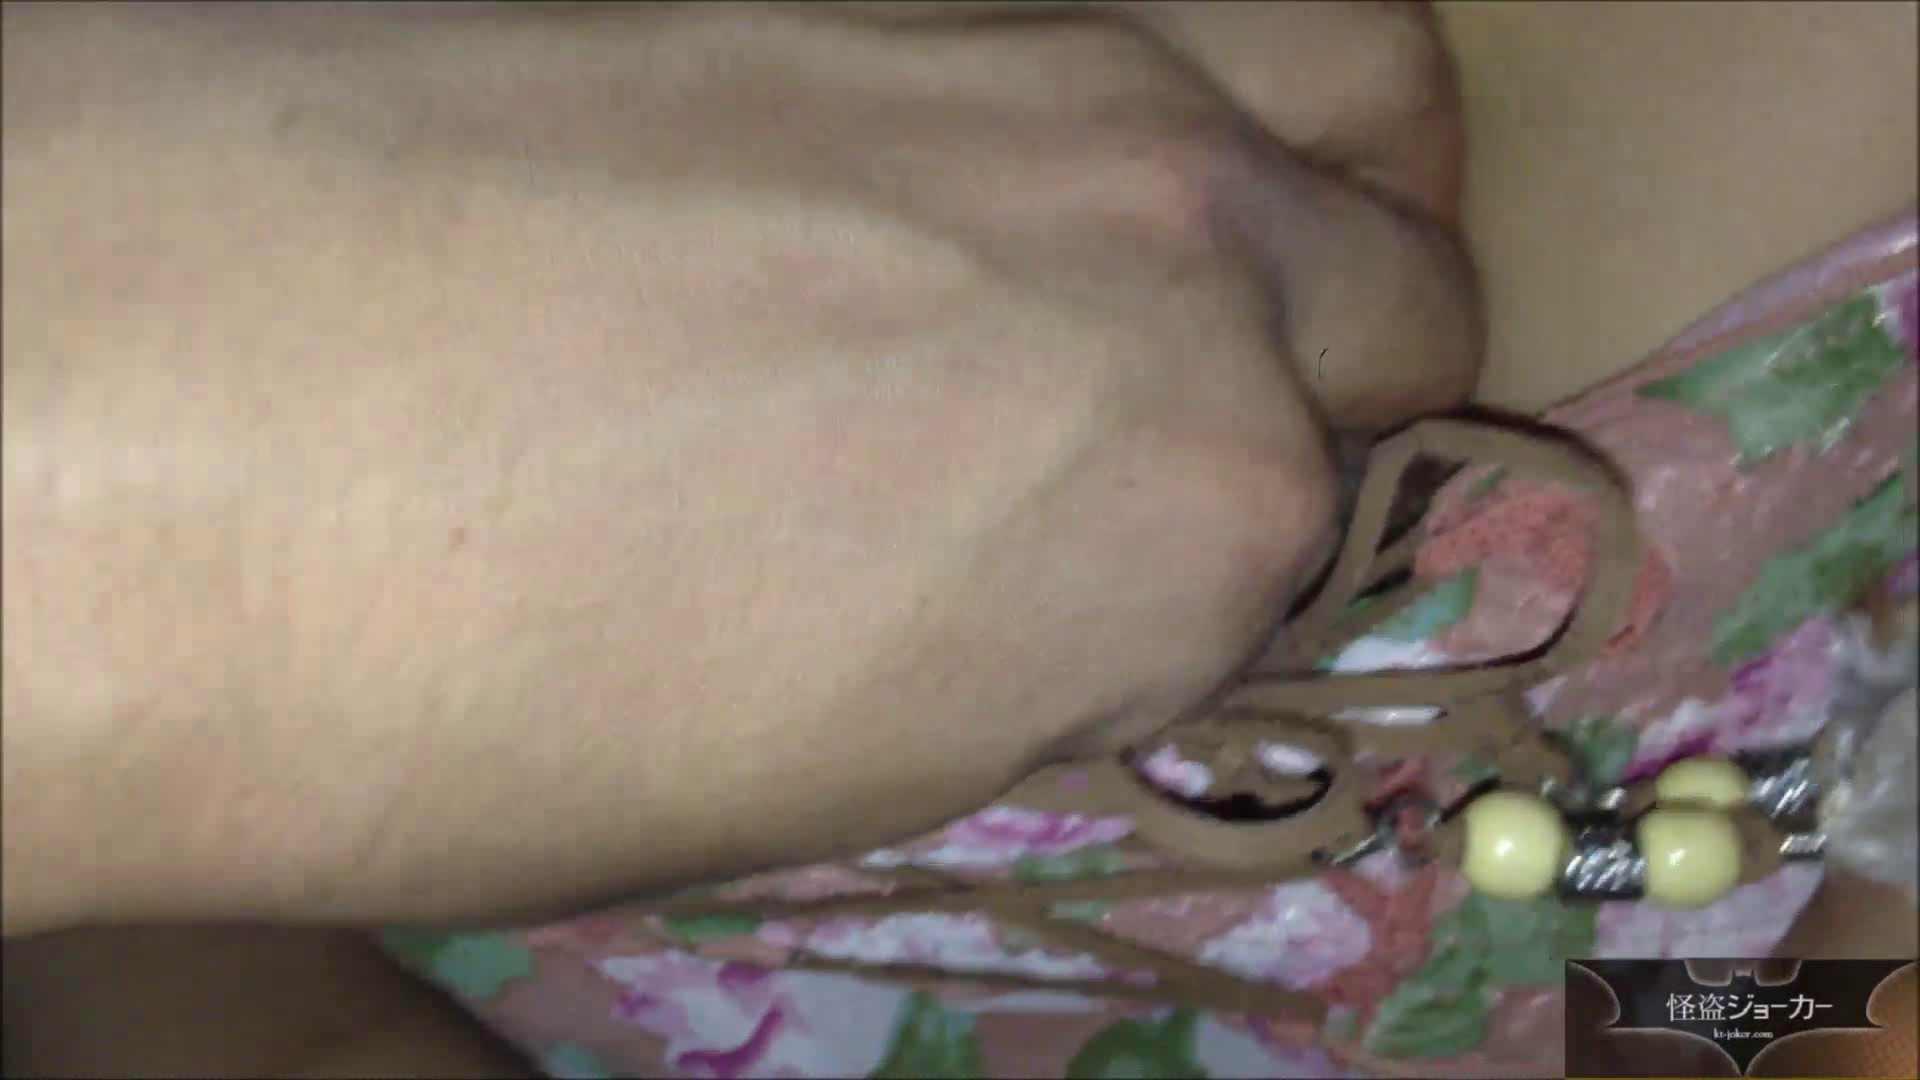 【未公開】vol.68{BLENDA系美女}UAちゃん_甘い香りと生臭い香り Hな美女  79pic 36